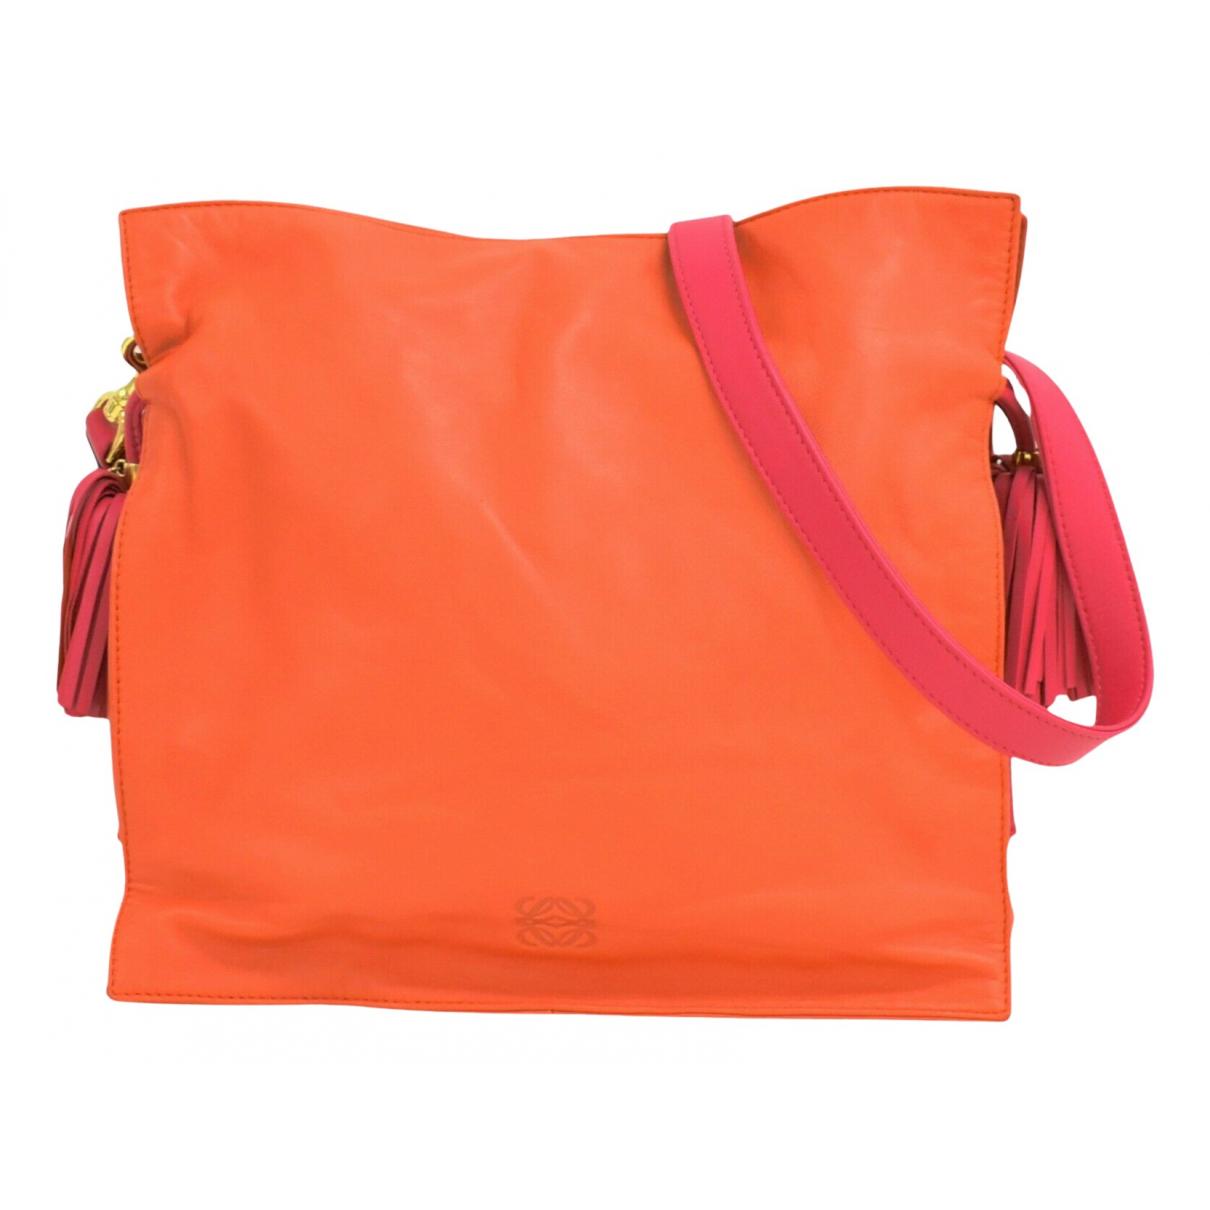 Loewe N Orange Leather handbag for Women N